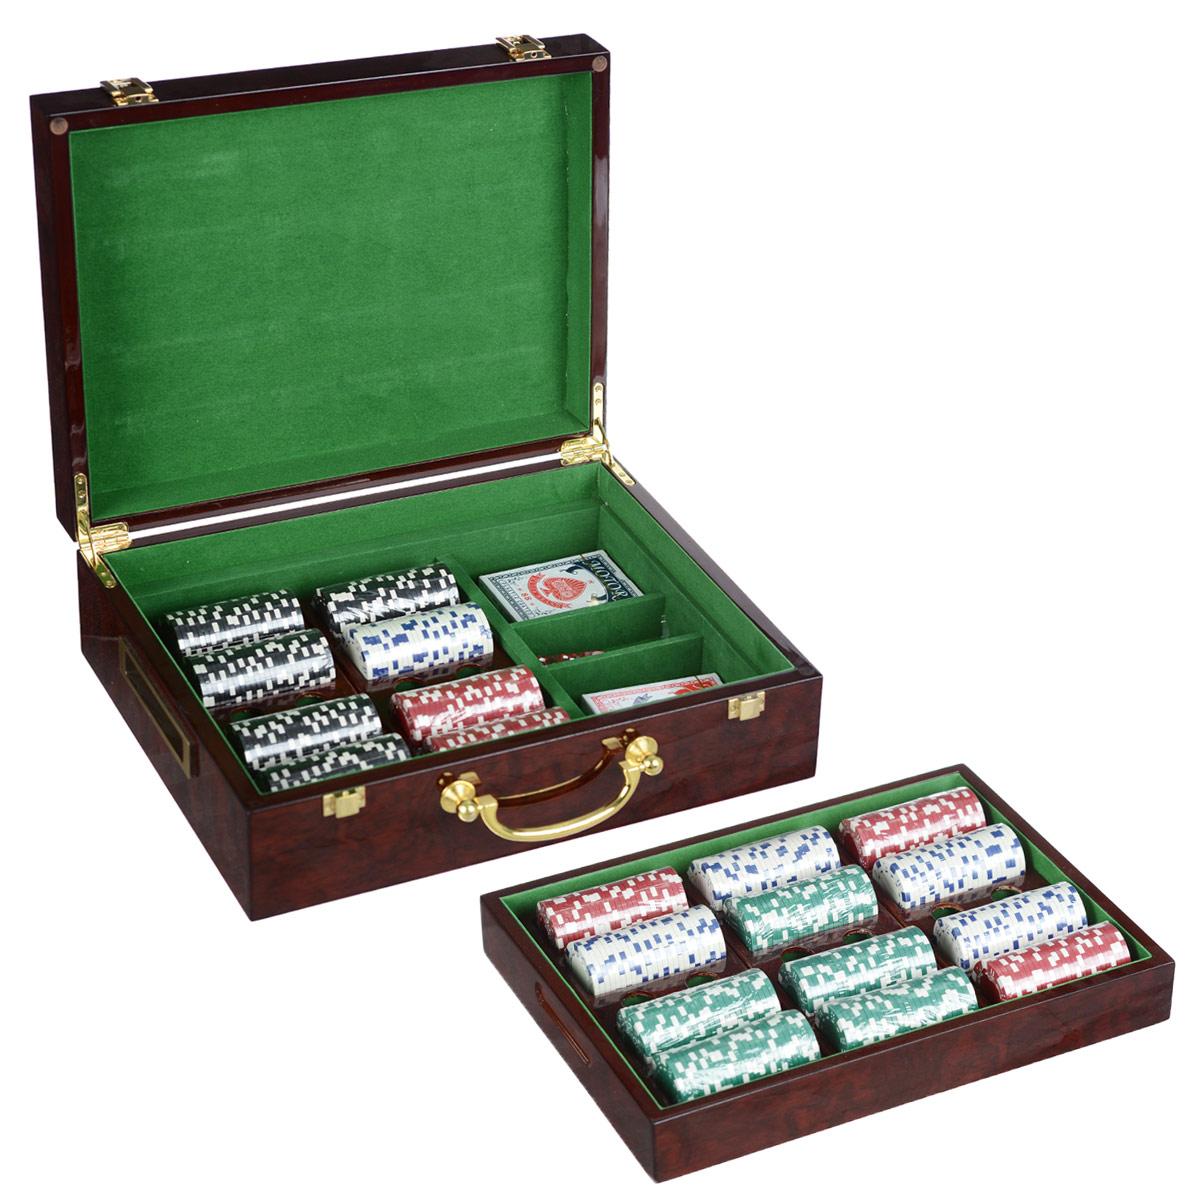 Подарочный набор Русские Подарки Казино, размер: 36*28*11 см. 4453044530Набор для игры в покер Казино - то, что нужно для отличного проведения досуга. Набор состоит из двух колод игральных карт, 500 игровых пластиковых фишек и пяти игровых кубиков. Набор фишек состоит из 125 фишек белого цвета, 125 фишек черного цвета, 125 фишек красного цвета и 125 фишек зеленого цвета. Фишки выполнены без указания номинала. Предметы набора хранятся в стильном деревянном кейсе, внутри которого есть специальные секции для фишек. Такой набор станет отличным подарком для любителей покера. Количество игроков: 5 и более.